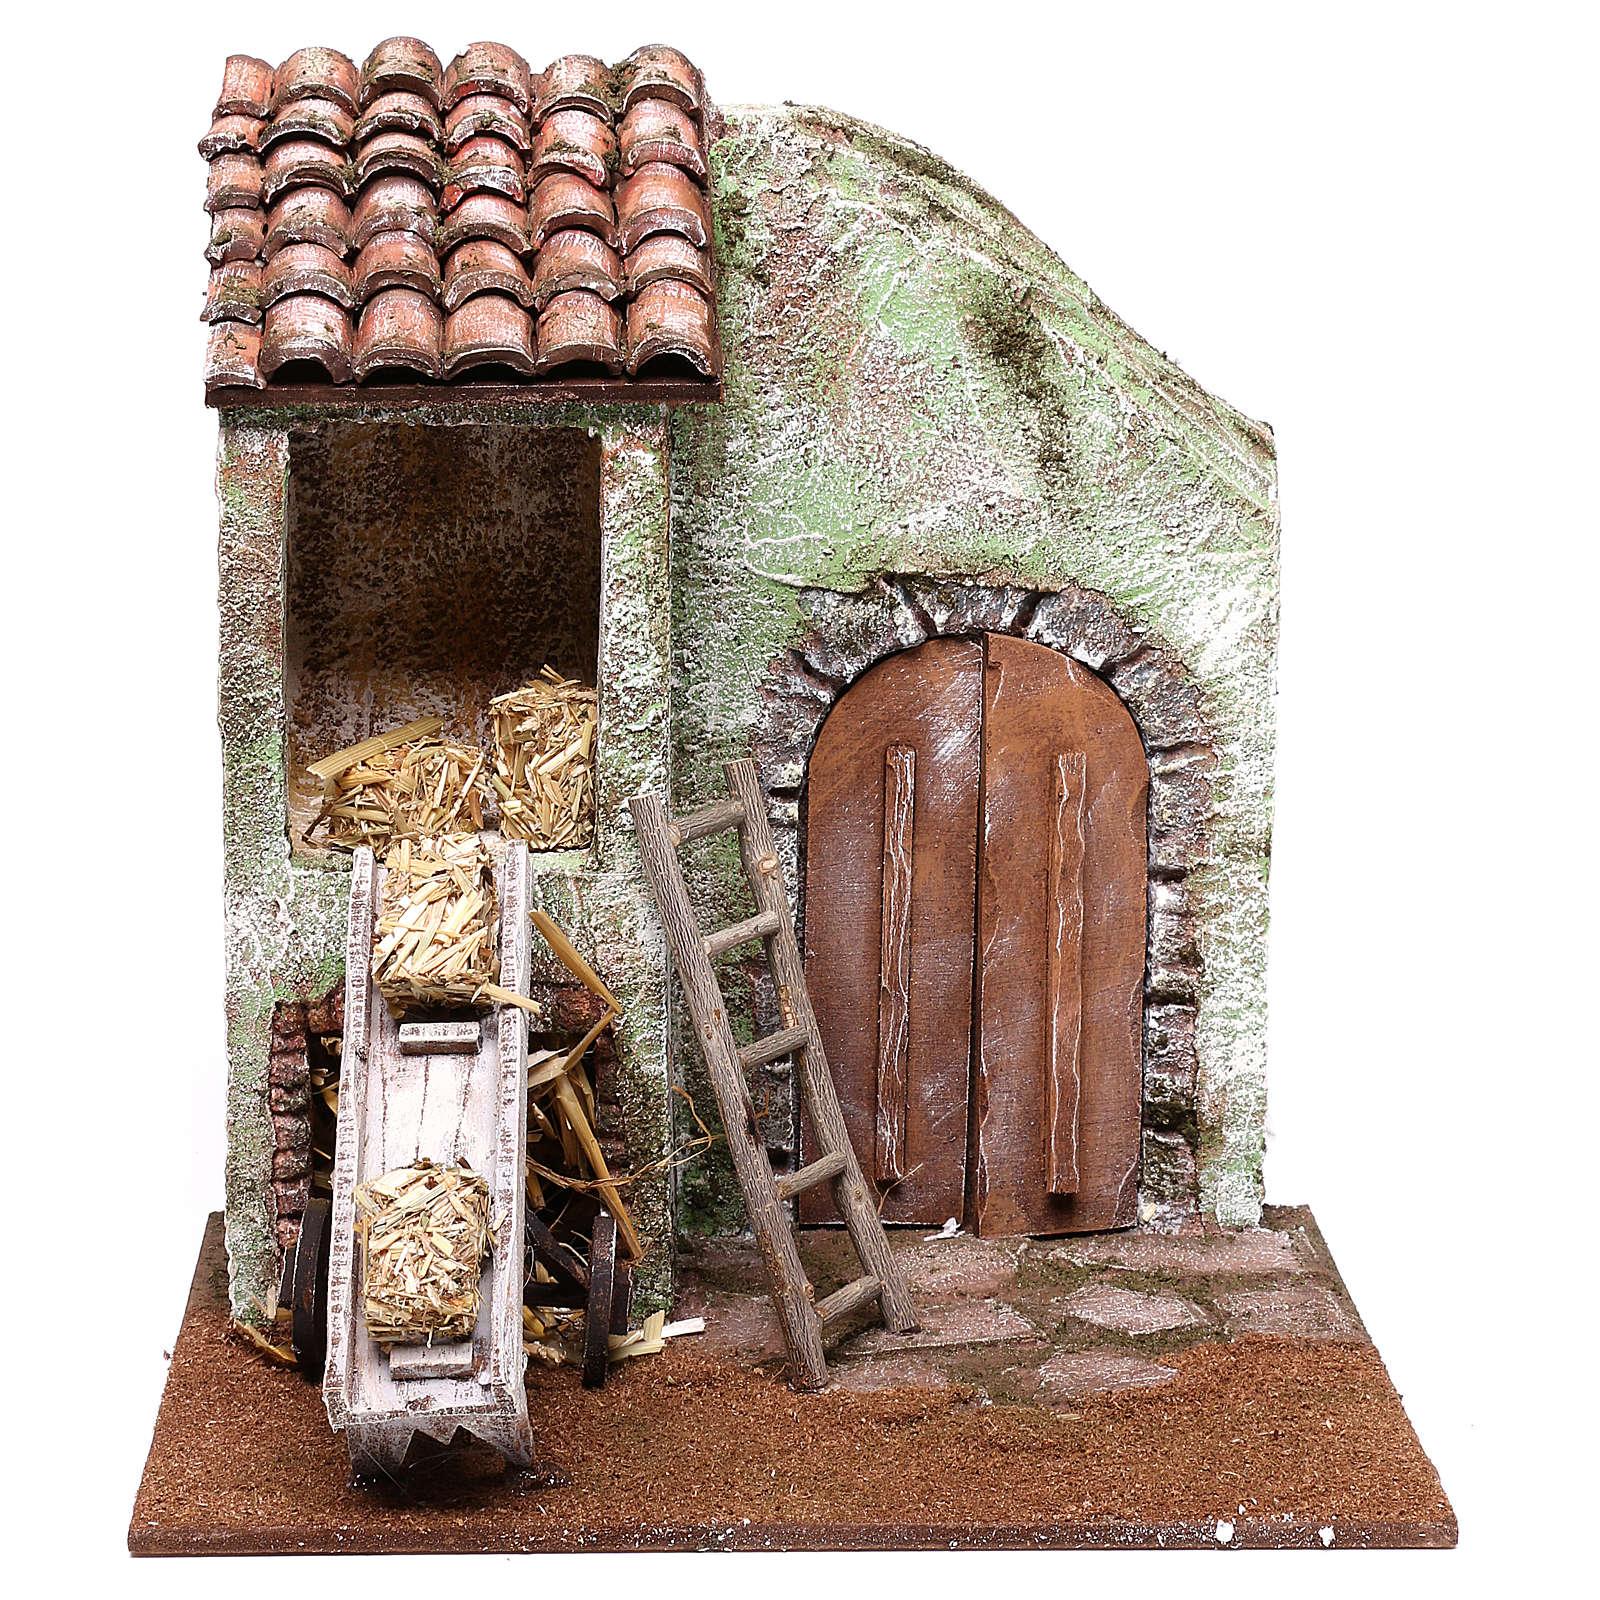 Barn 25x25x20 cm for Nativity scene of 12 cm 4